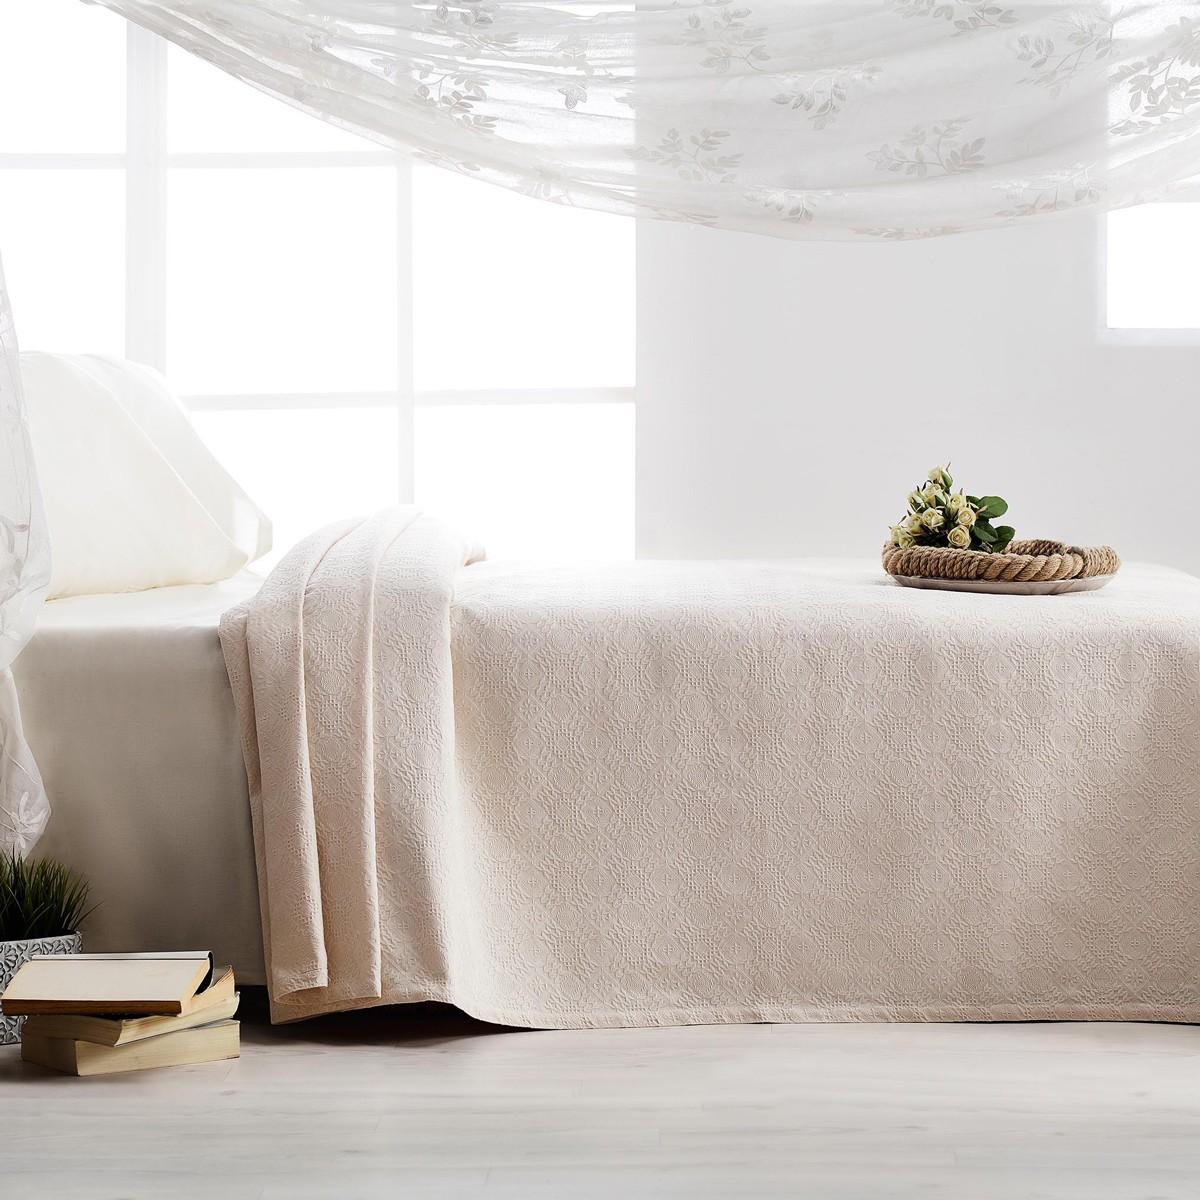 Κουβερτόριο Υπέρδιπλο Gofis Home Tenzin Ecru 284/05 home   κρεβατοκάμαρα   κουβέρτες   κουβέρτες καλοκαιρινές υπέρδιπλες